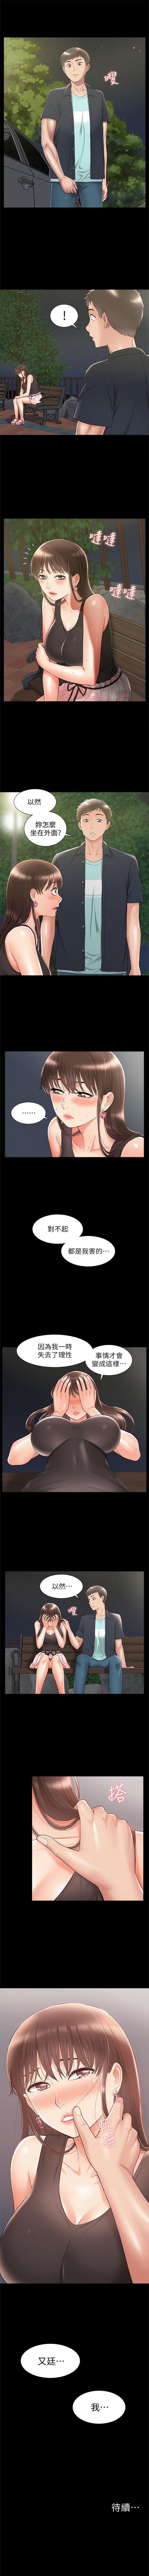 (周4)难言之隐 1-19 中文翻译(更新中) 110